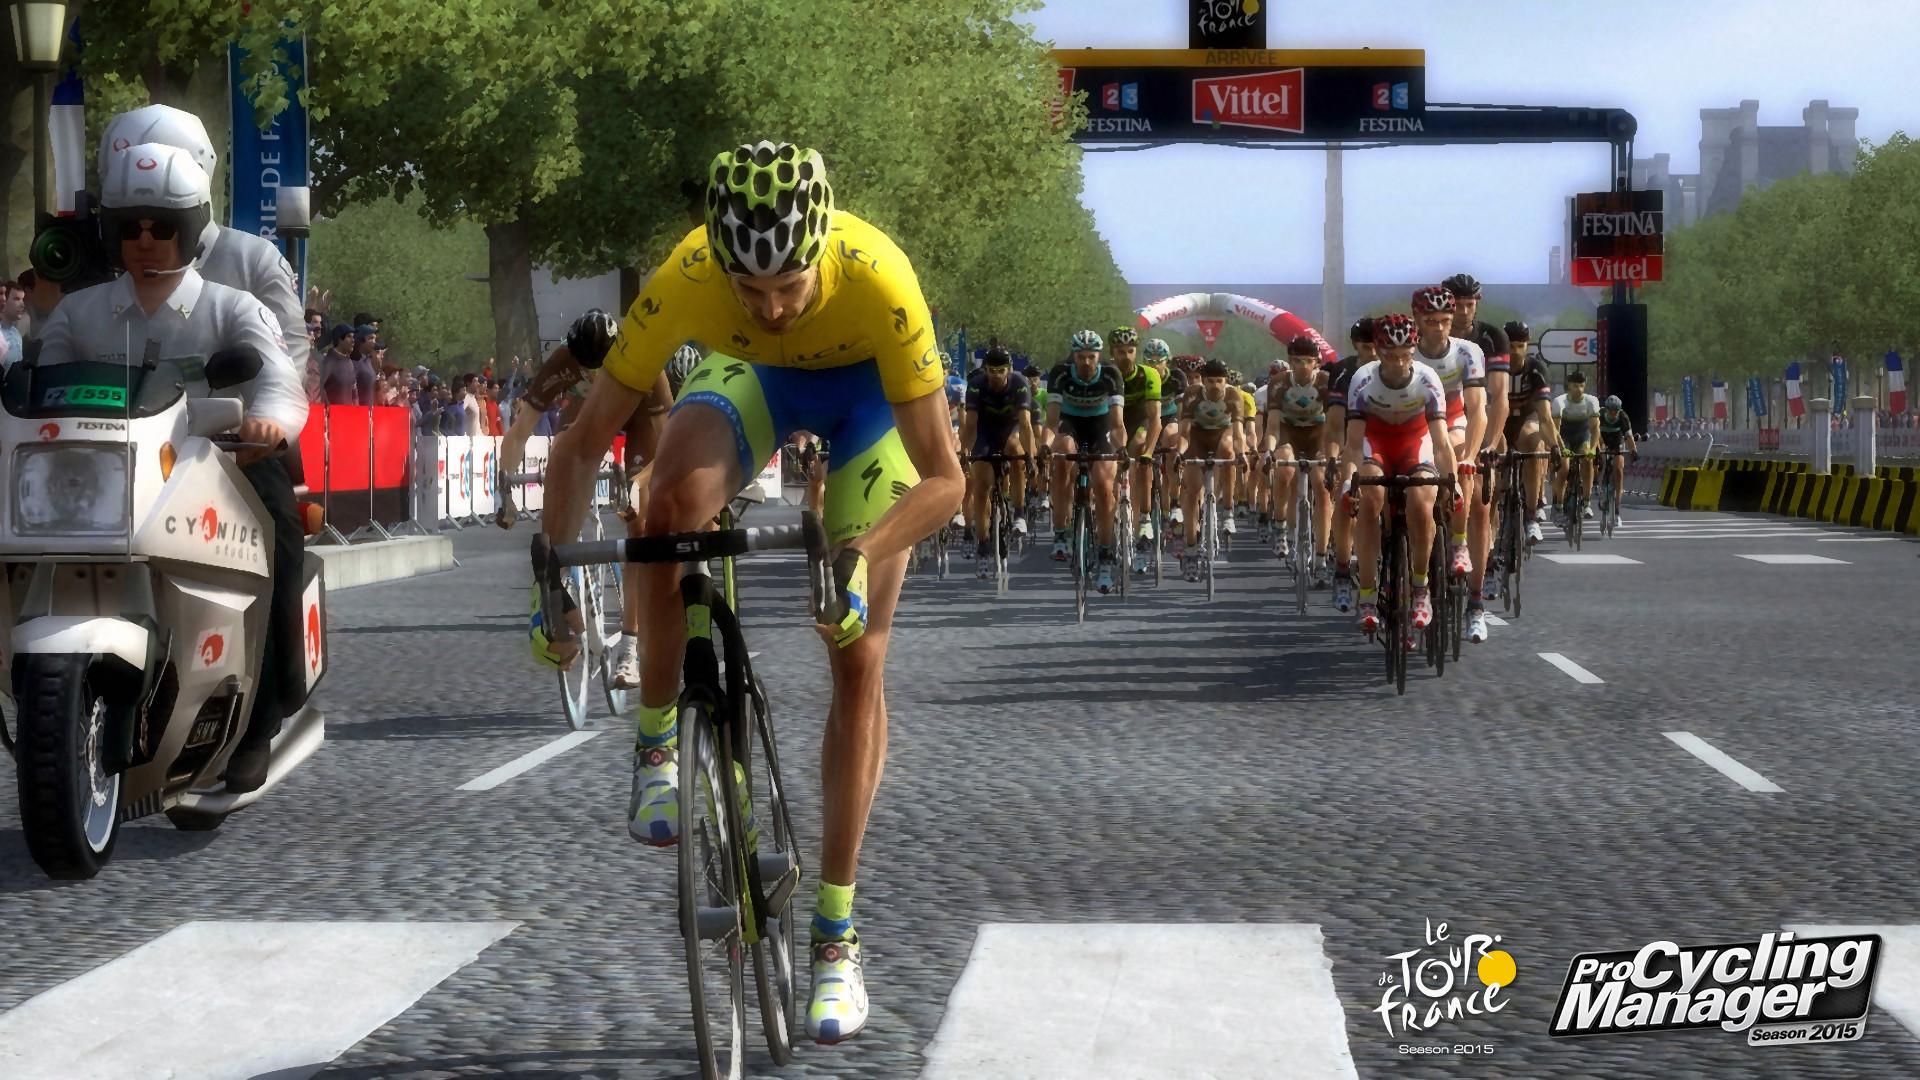 http://i.jeuxactus.com/datas/jeux/p/r/pro-cycling-manager-saison-2015/xl/pro-cycling-manager-sai-5540b2c1bb040.jpg